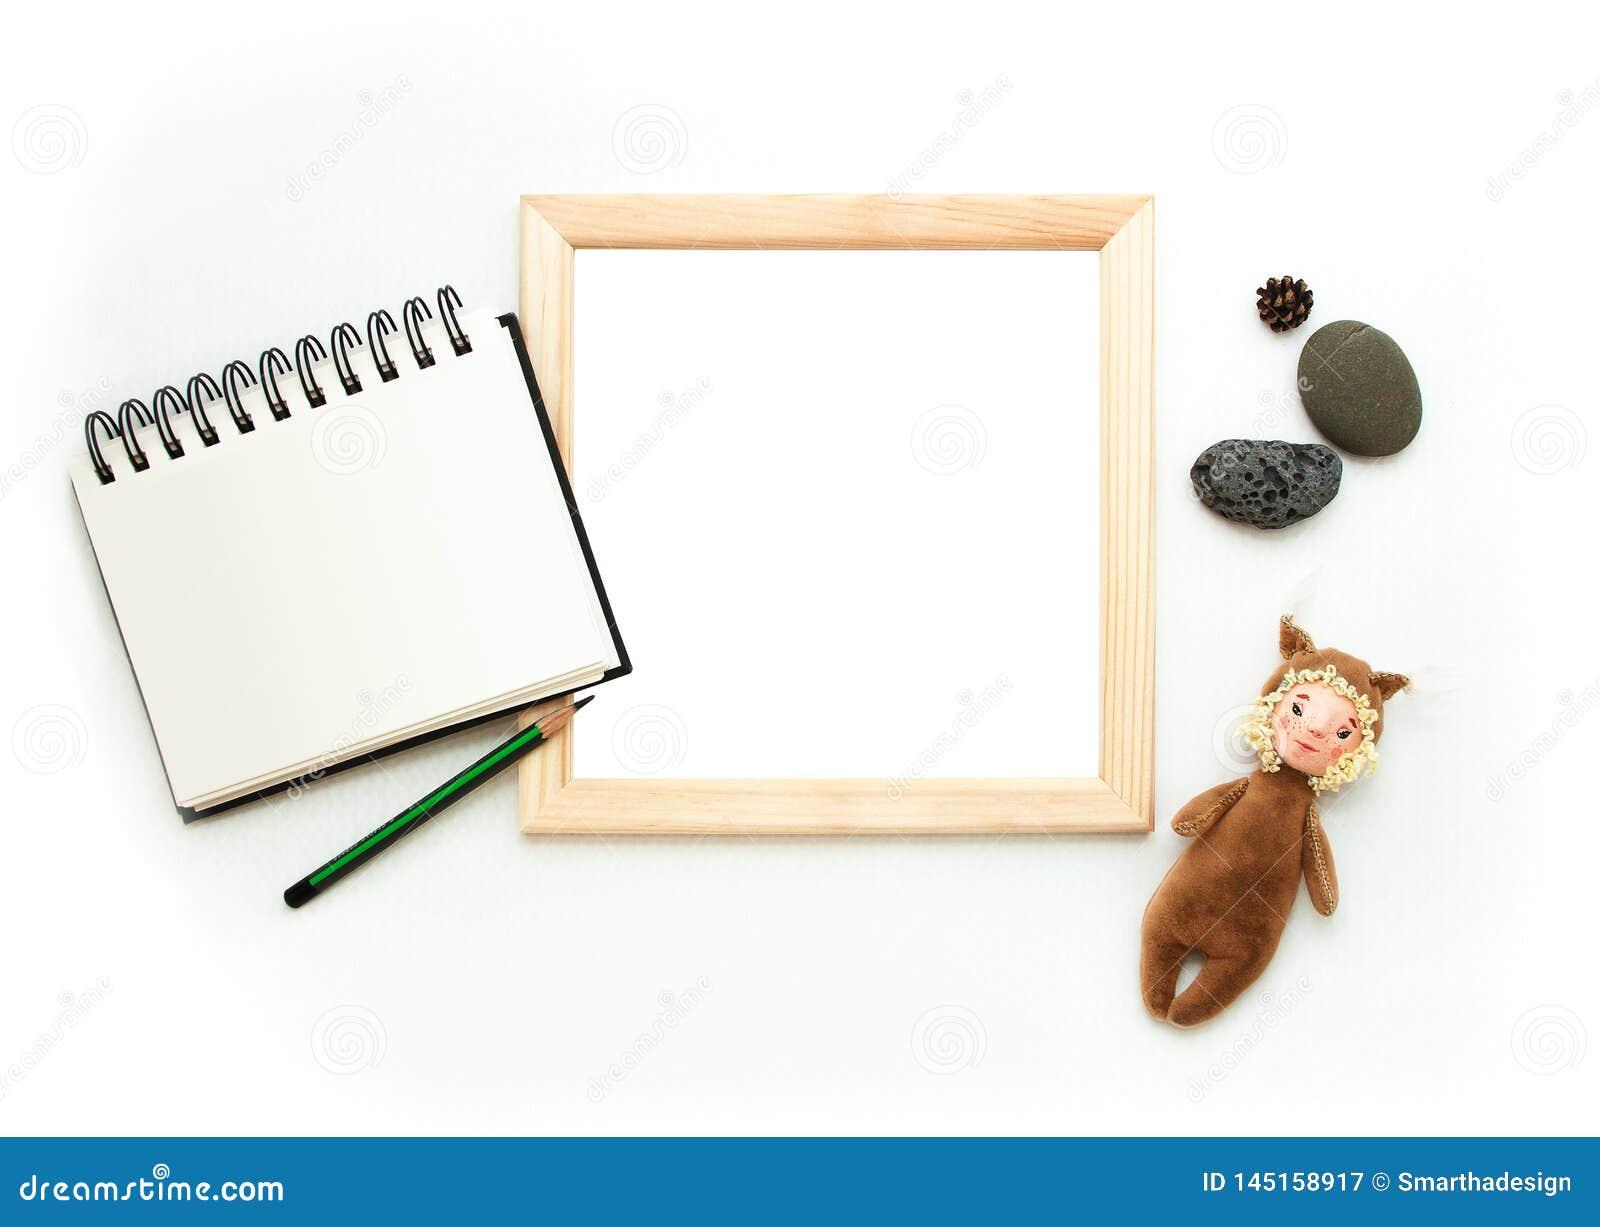 Flacher gelegter Spott oben, Draufsicht, Holzrahmen, Spielzeugeichhörnchen, Bleistift, Notizblock, Steine Innenplan, quadratisch